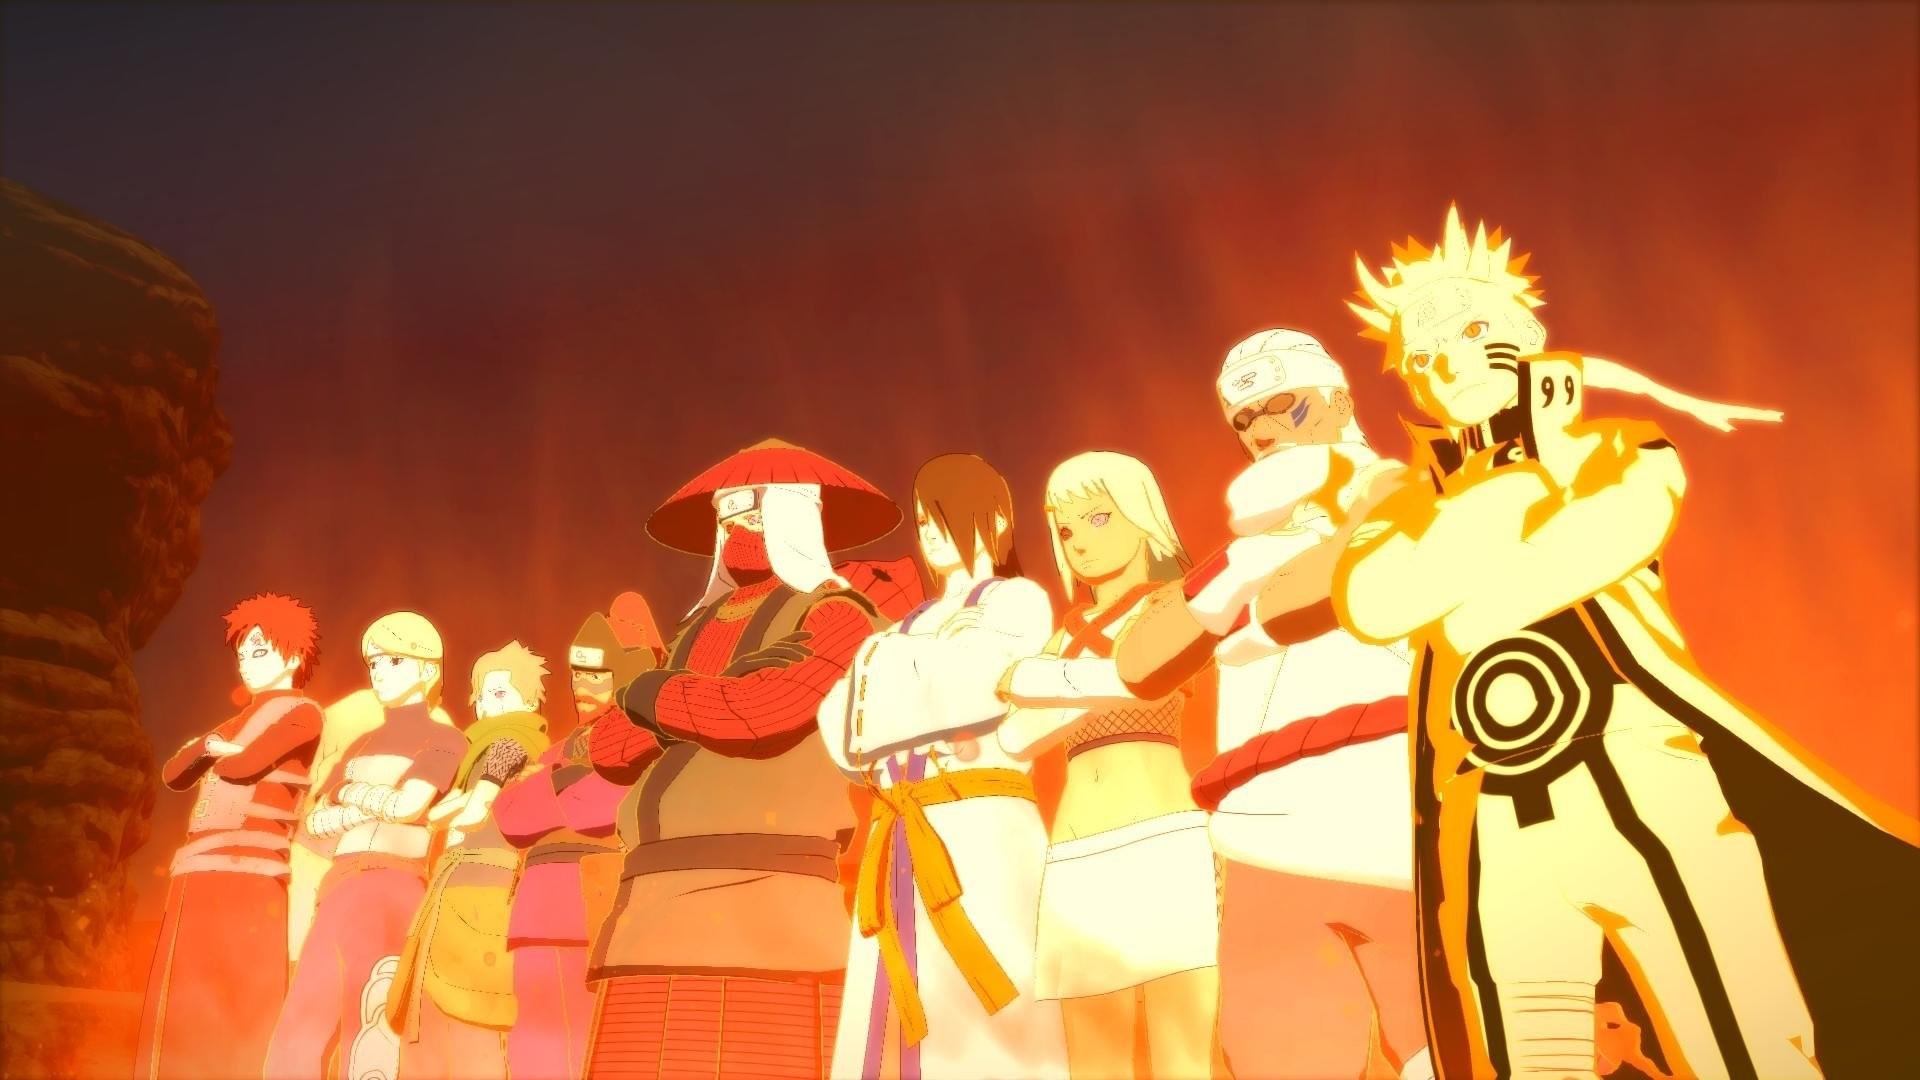 Video Game – Naruto Shippuden: Ultimate Ninja Storm 4 JinchÅ«riki (Naruto)  Naruto Uzumaki